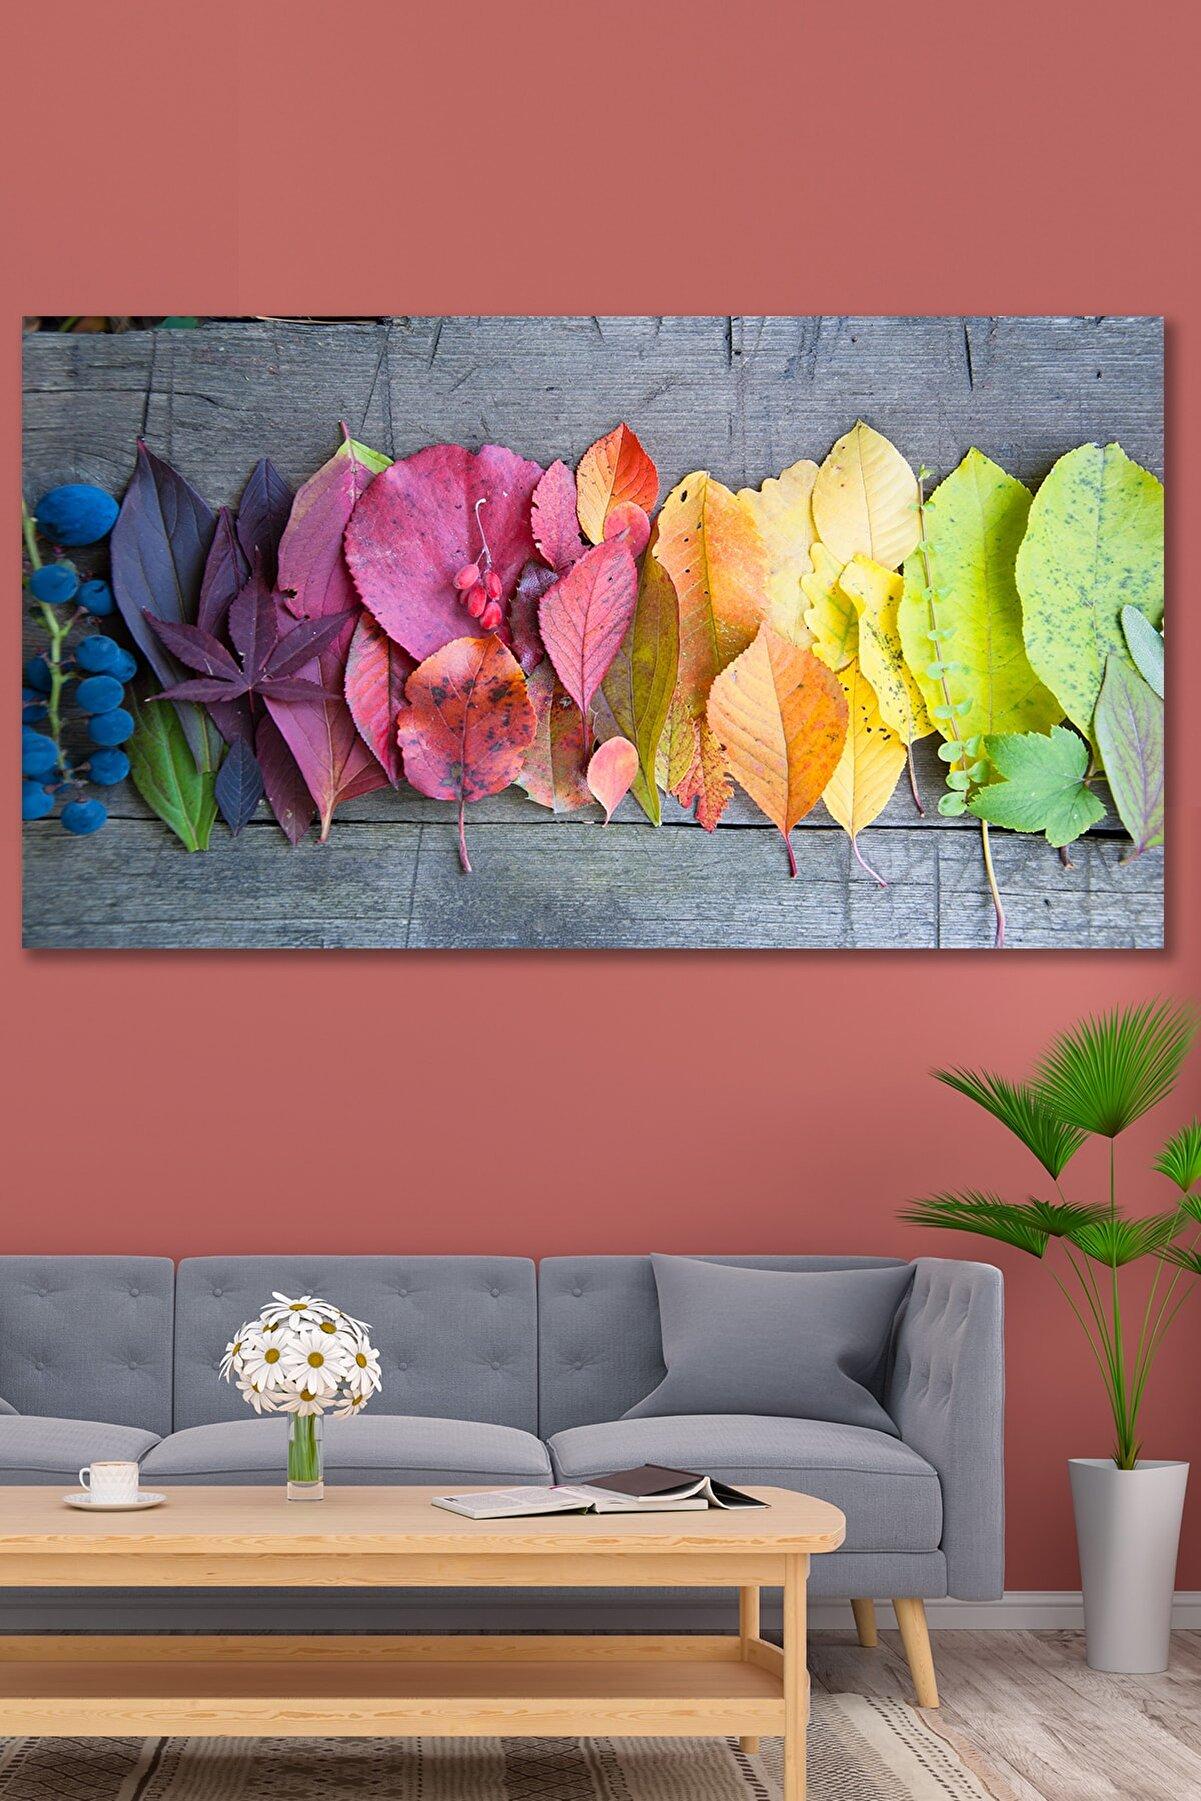 ECELUXE Çok Renkli Yaprak Kanvas Tablo - 120 X 60 cm